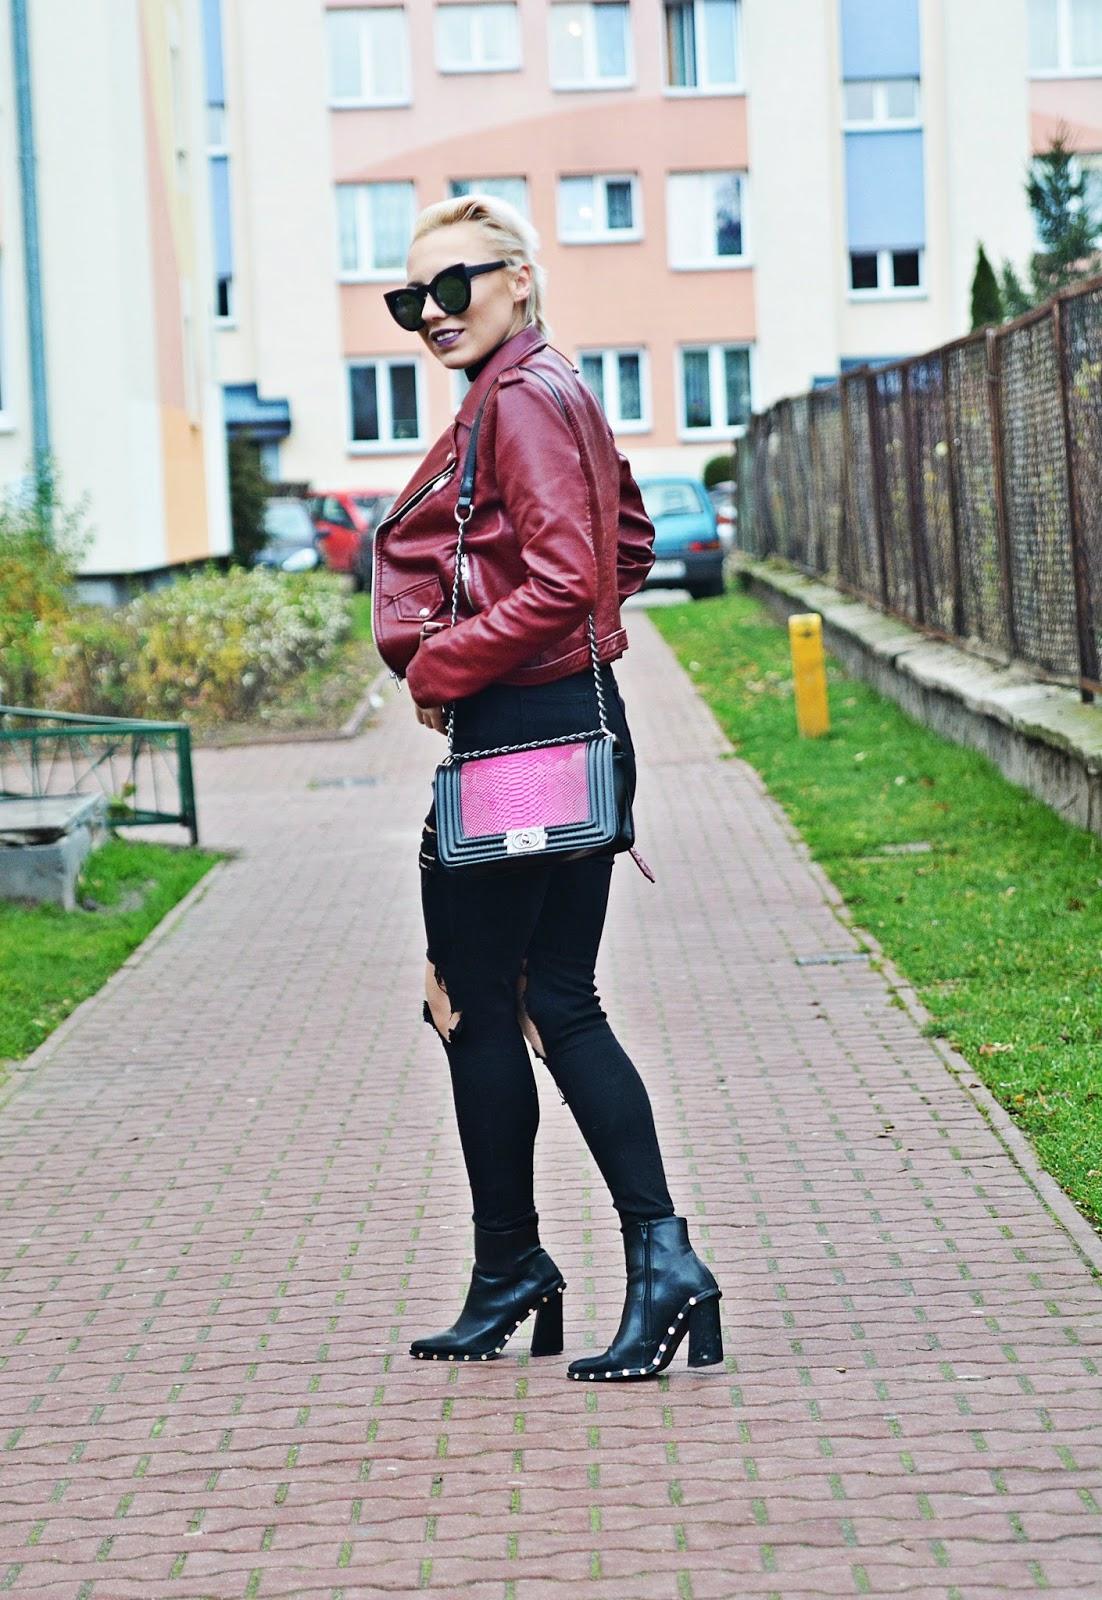 torba_ala_chanel_czarne_spodnie_blog_modowy_karyn